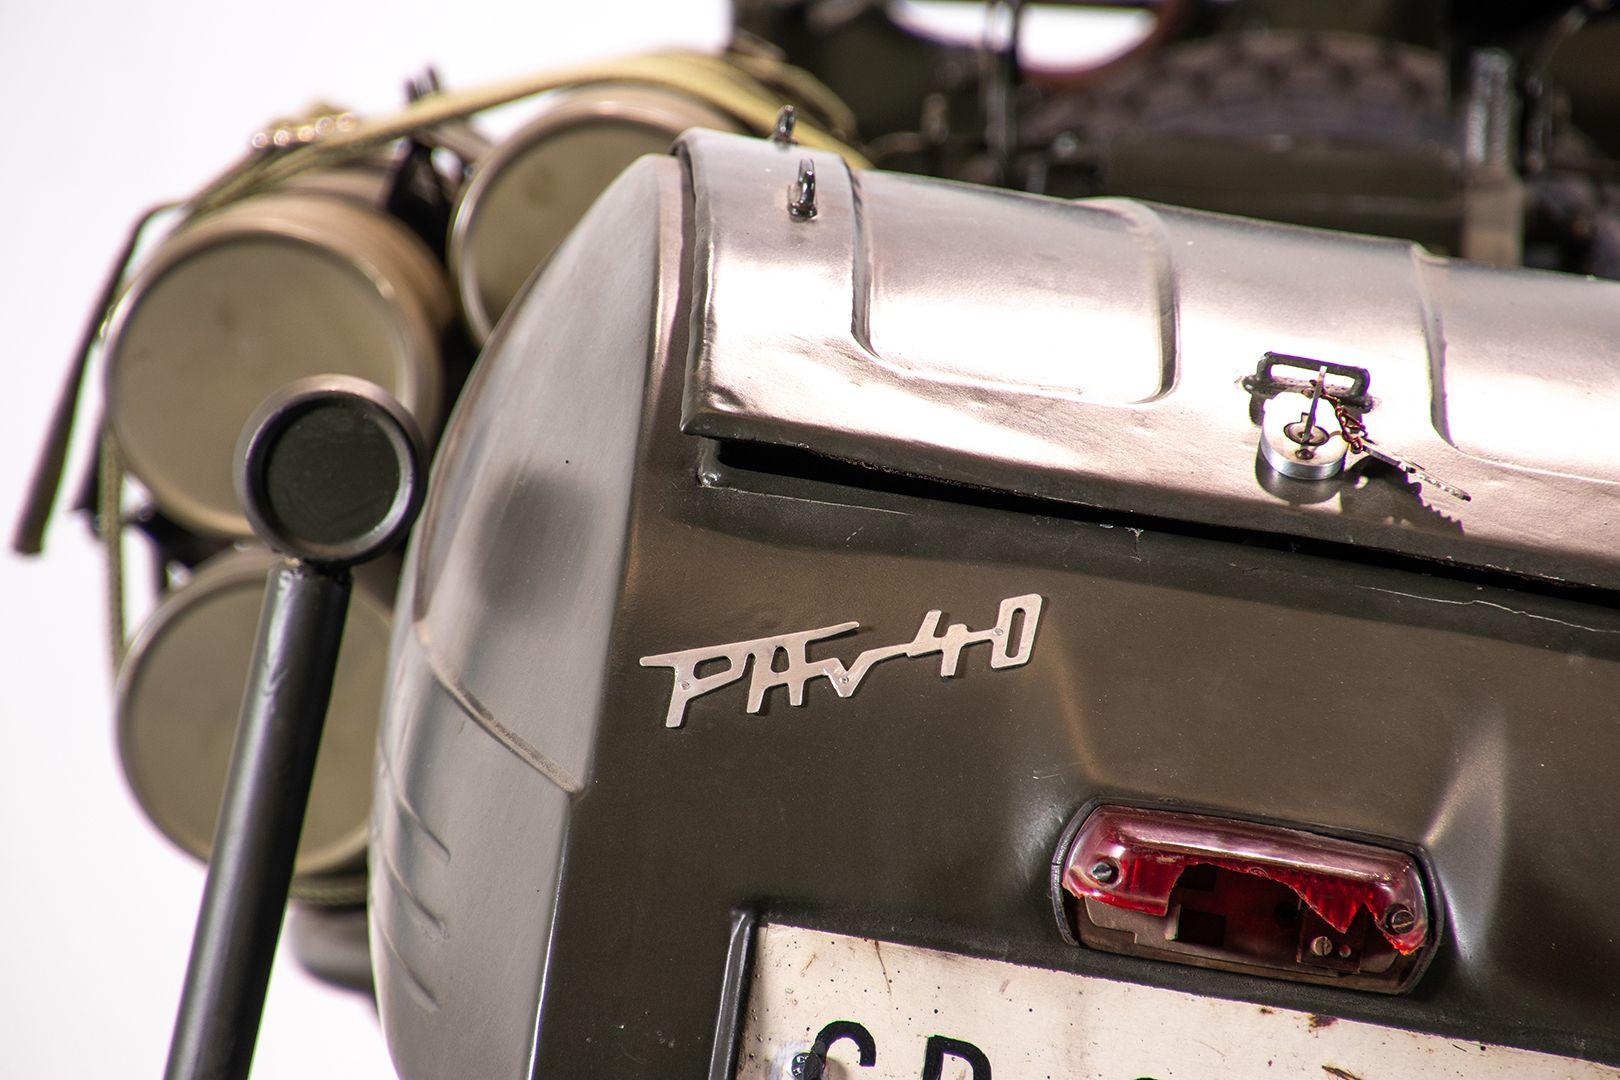 1956 Piaggio Vespa 150 TAP Militare 35391